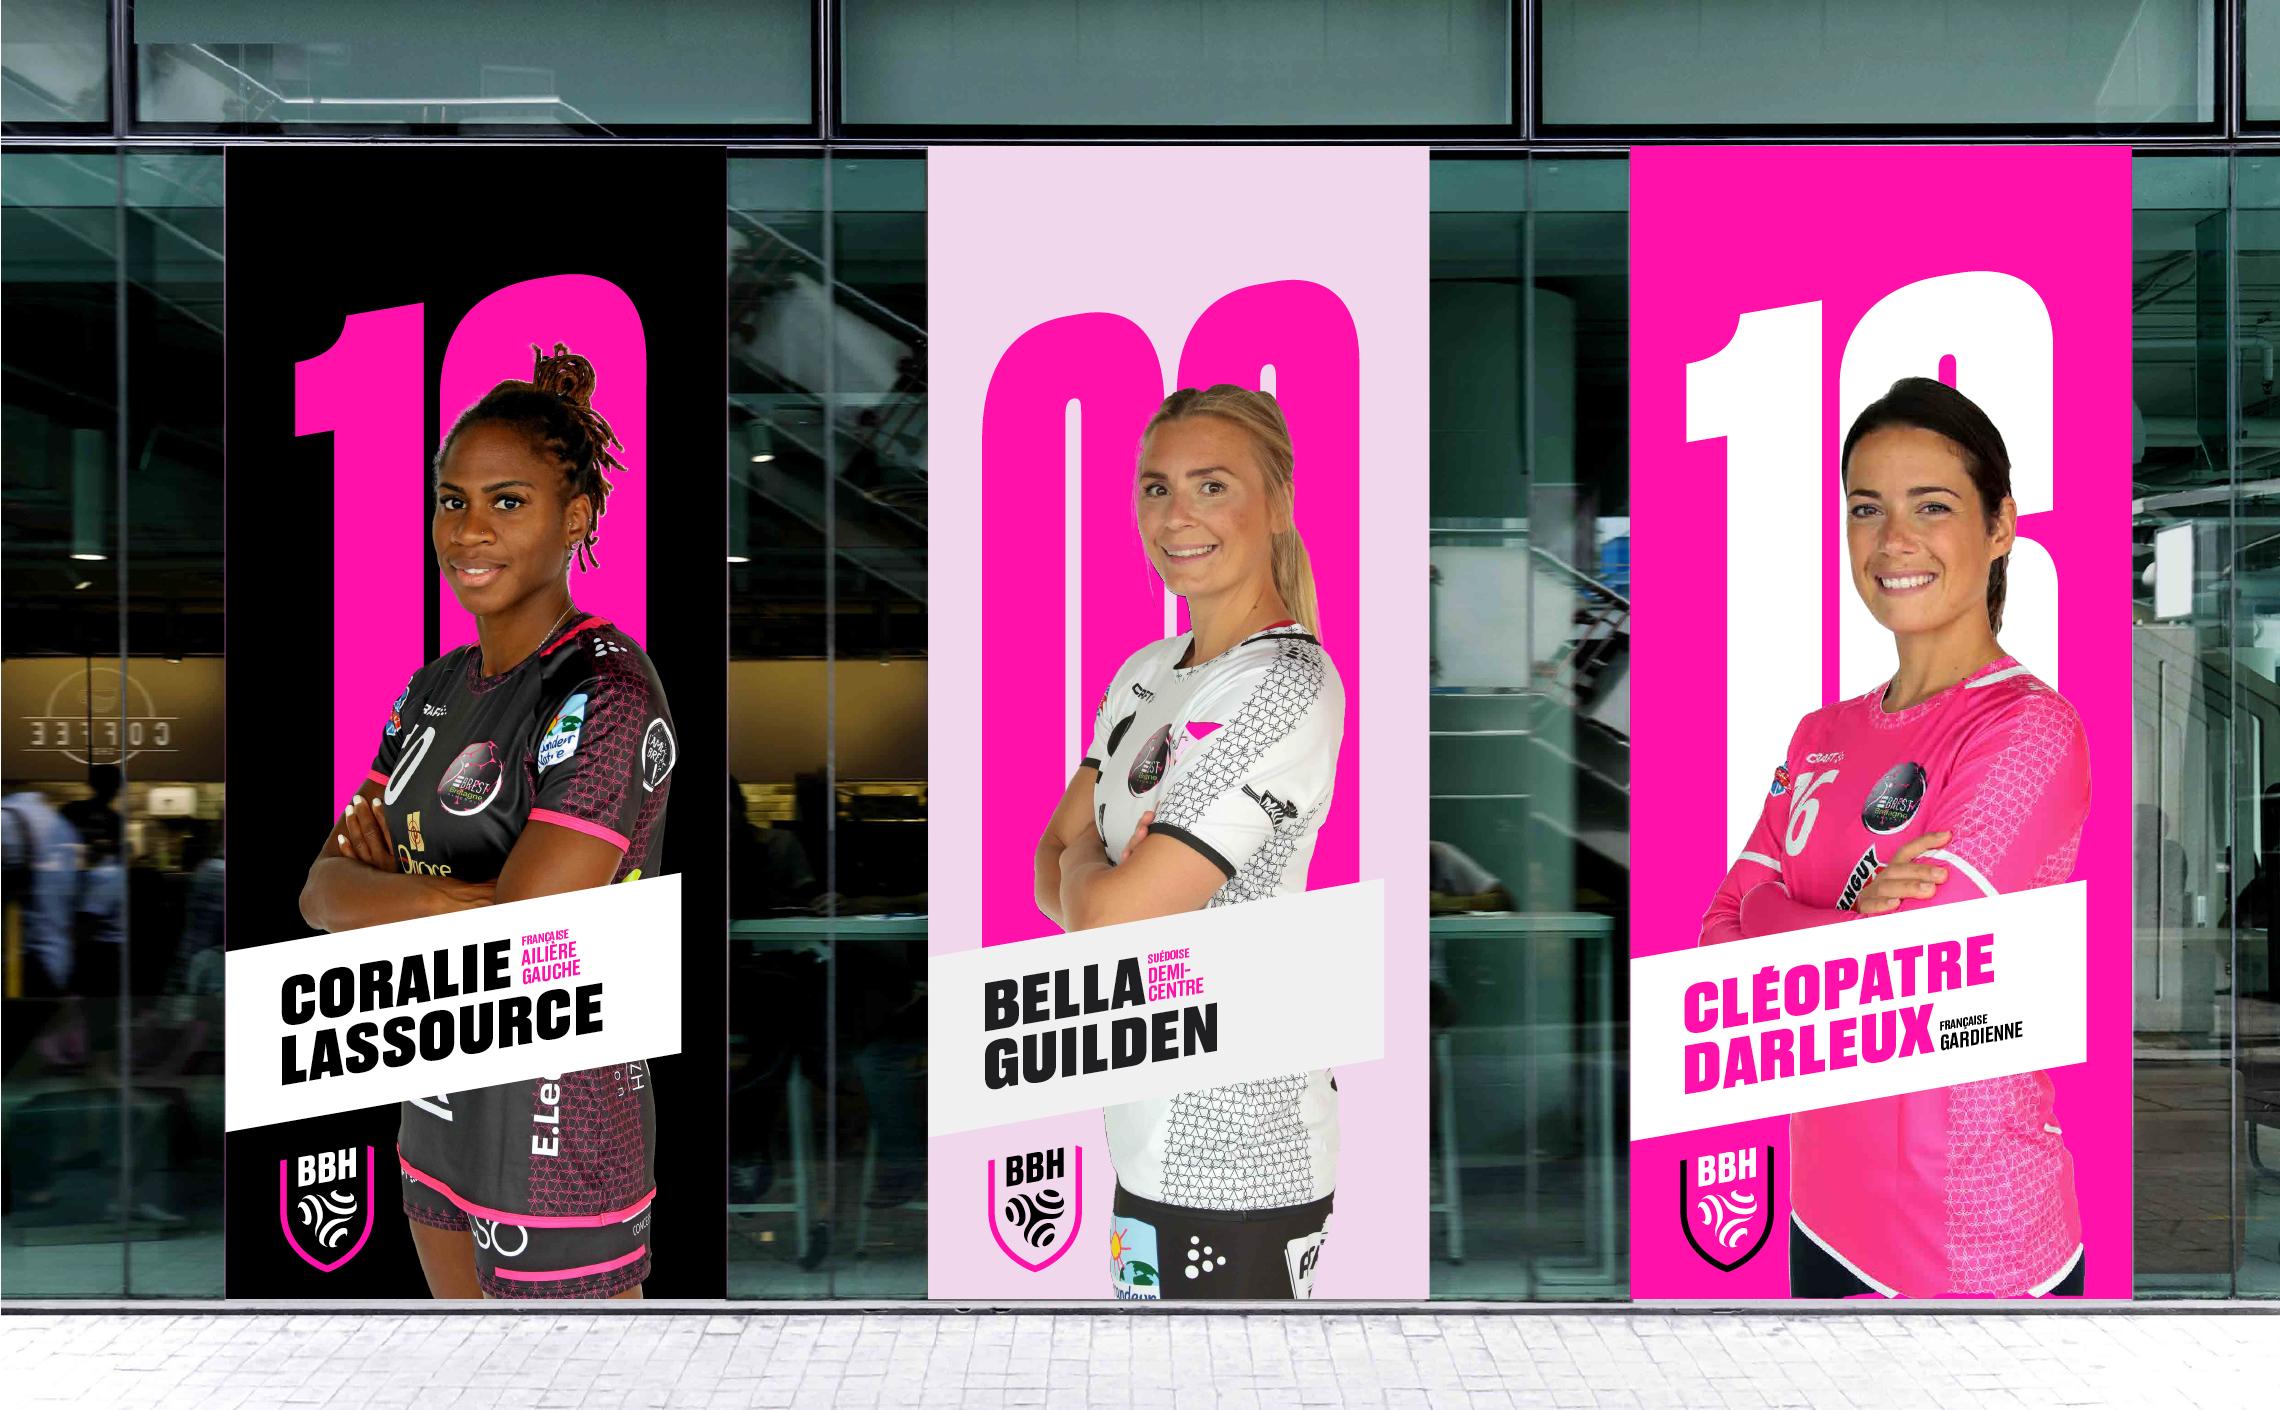 logo-Club-handball-Brest-BBH-communication